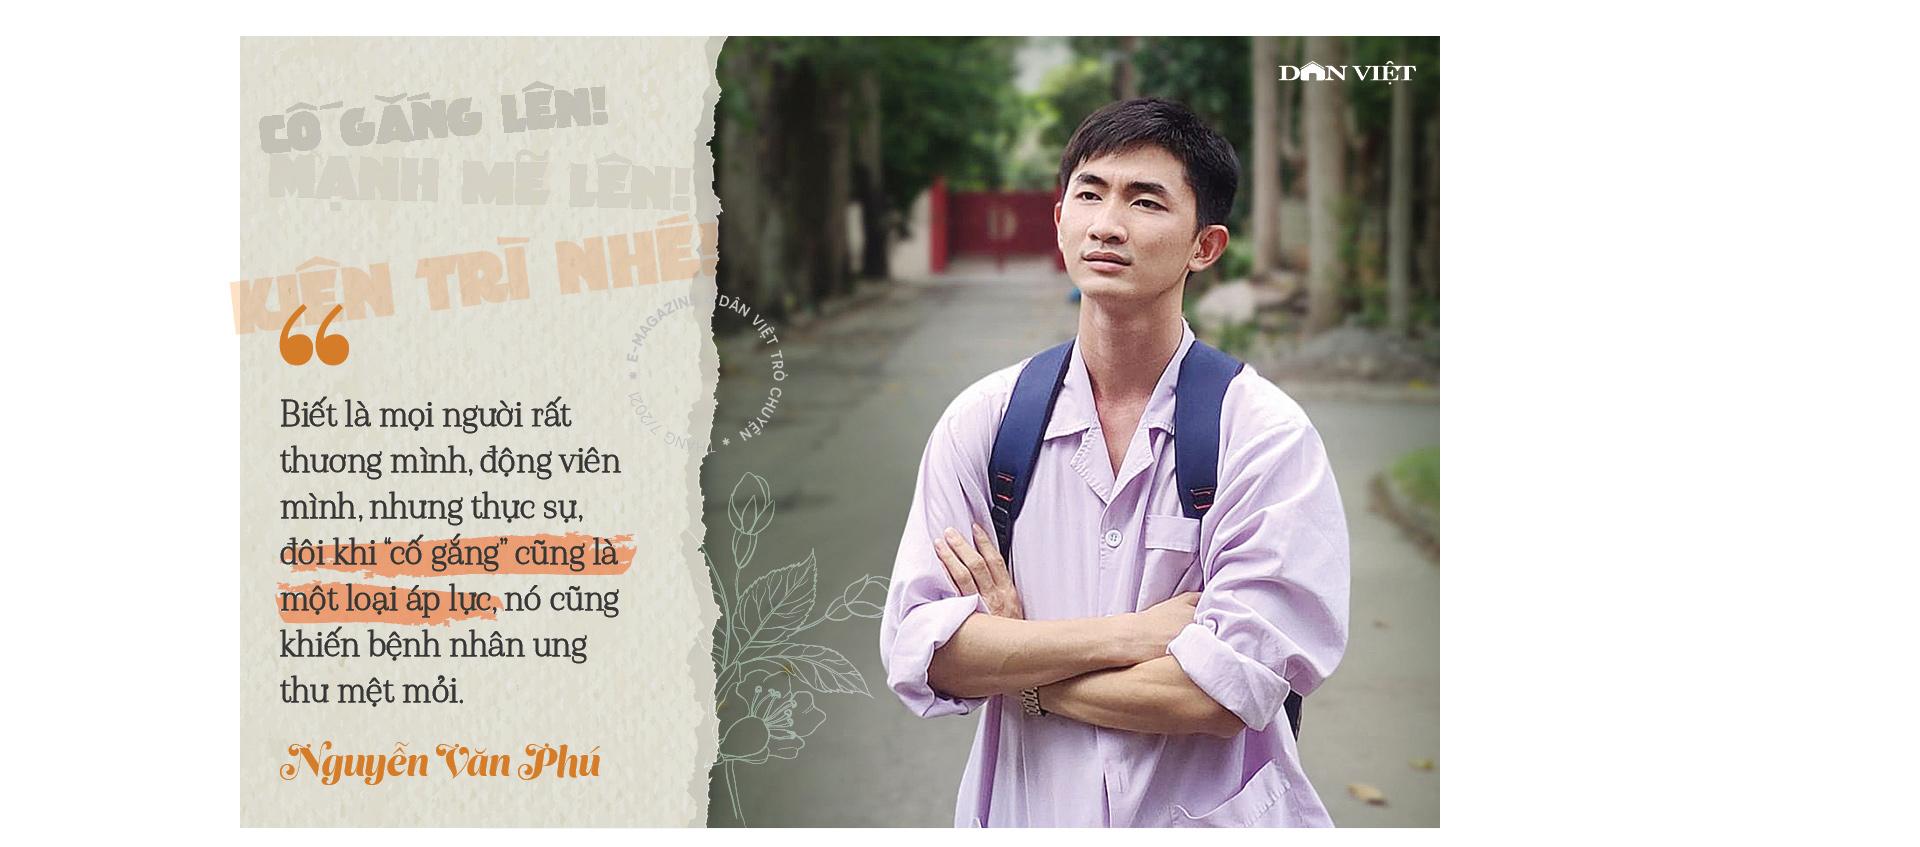 """Nguyễn Văn Phú – tác giả cuốn sách """"Bạn sinh ra để sống"""": """"Với tôi, ung thư là một món quà""""  - Ảnh 10."""